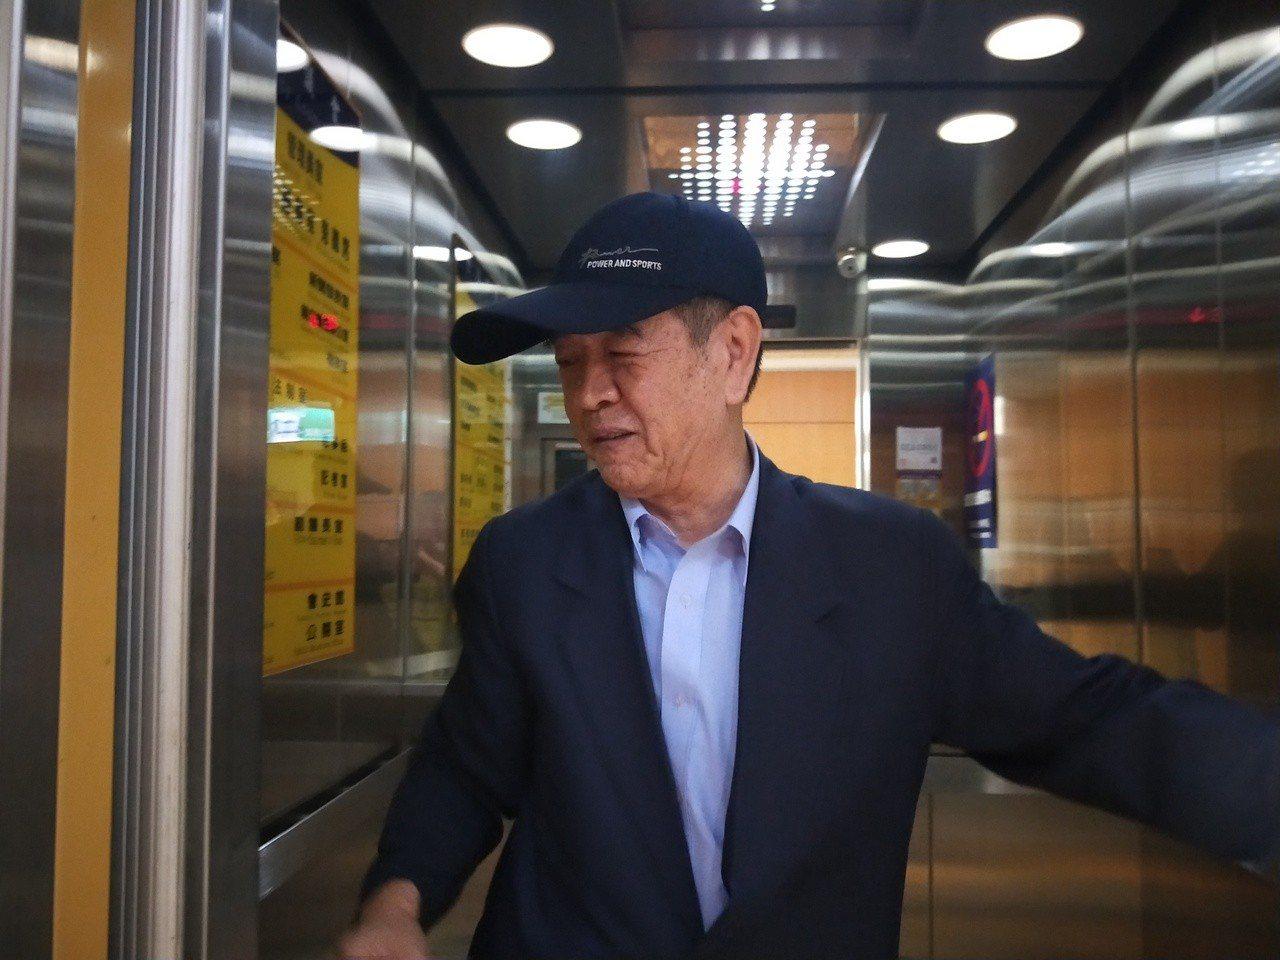 上午議會開臨時會時,副議長蔡旺璉有出席。記者游明煌/攝影